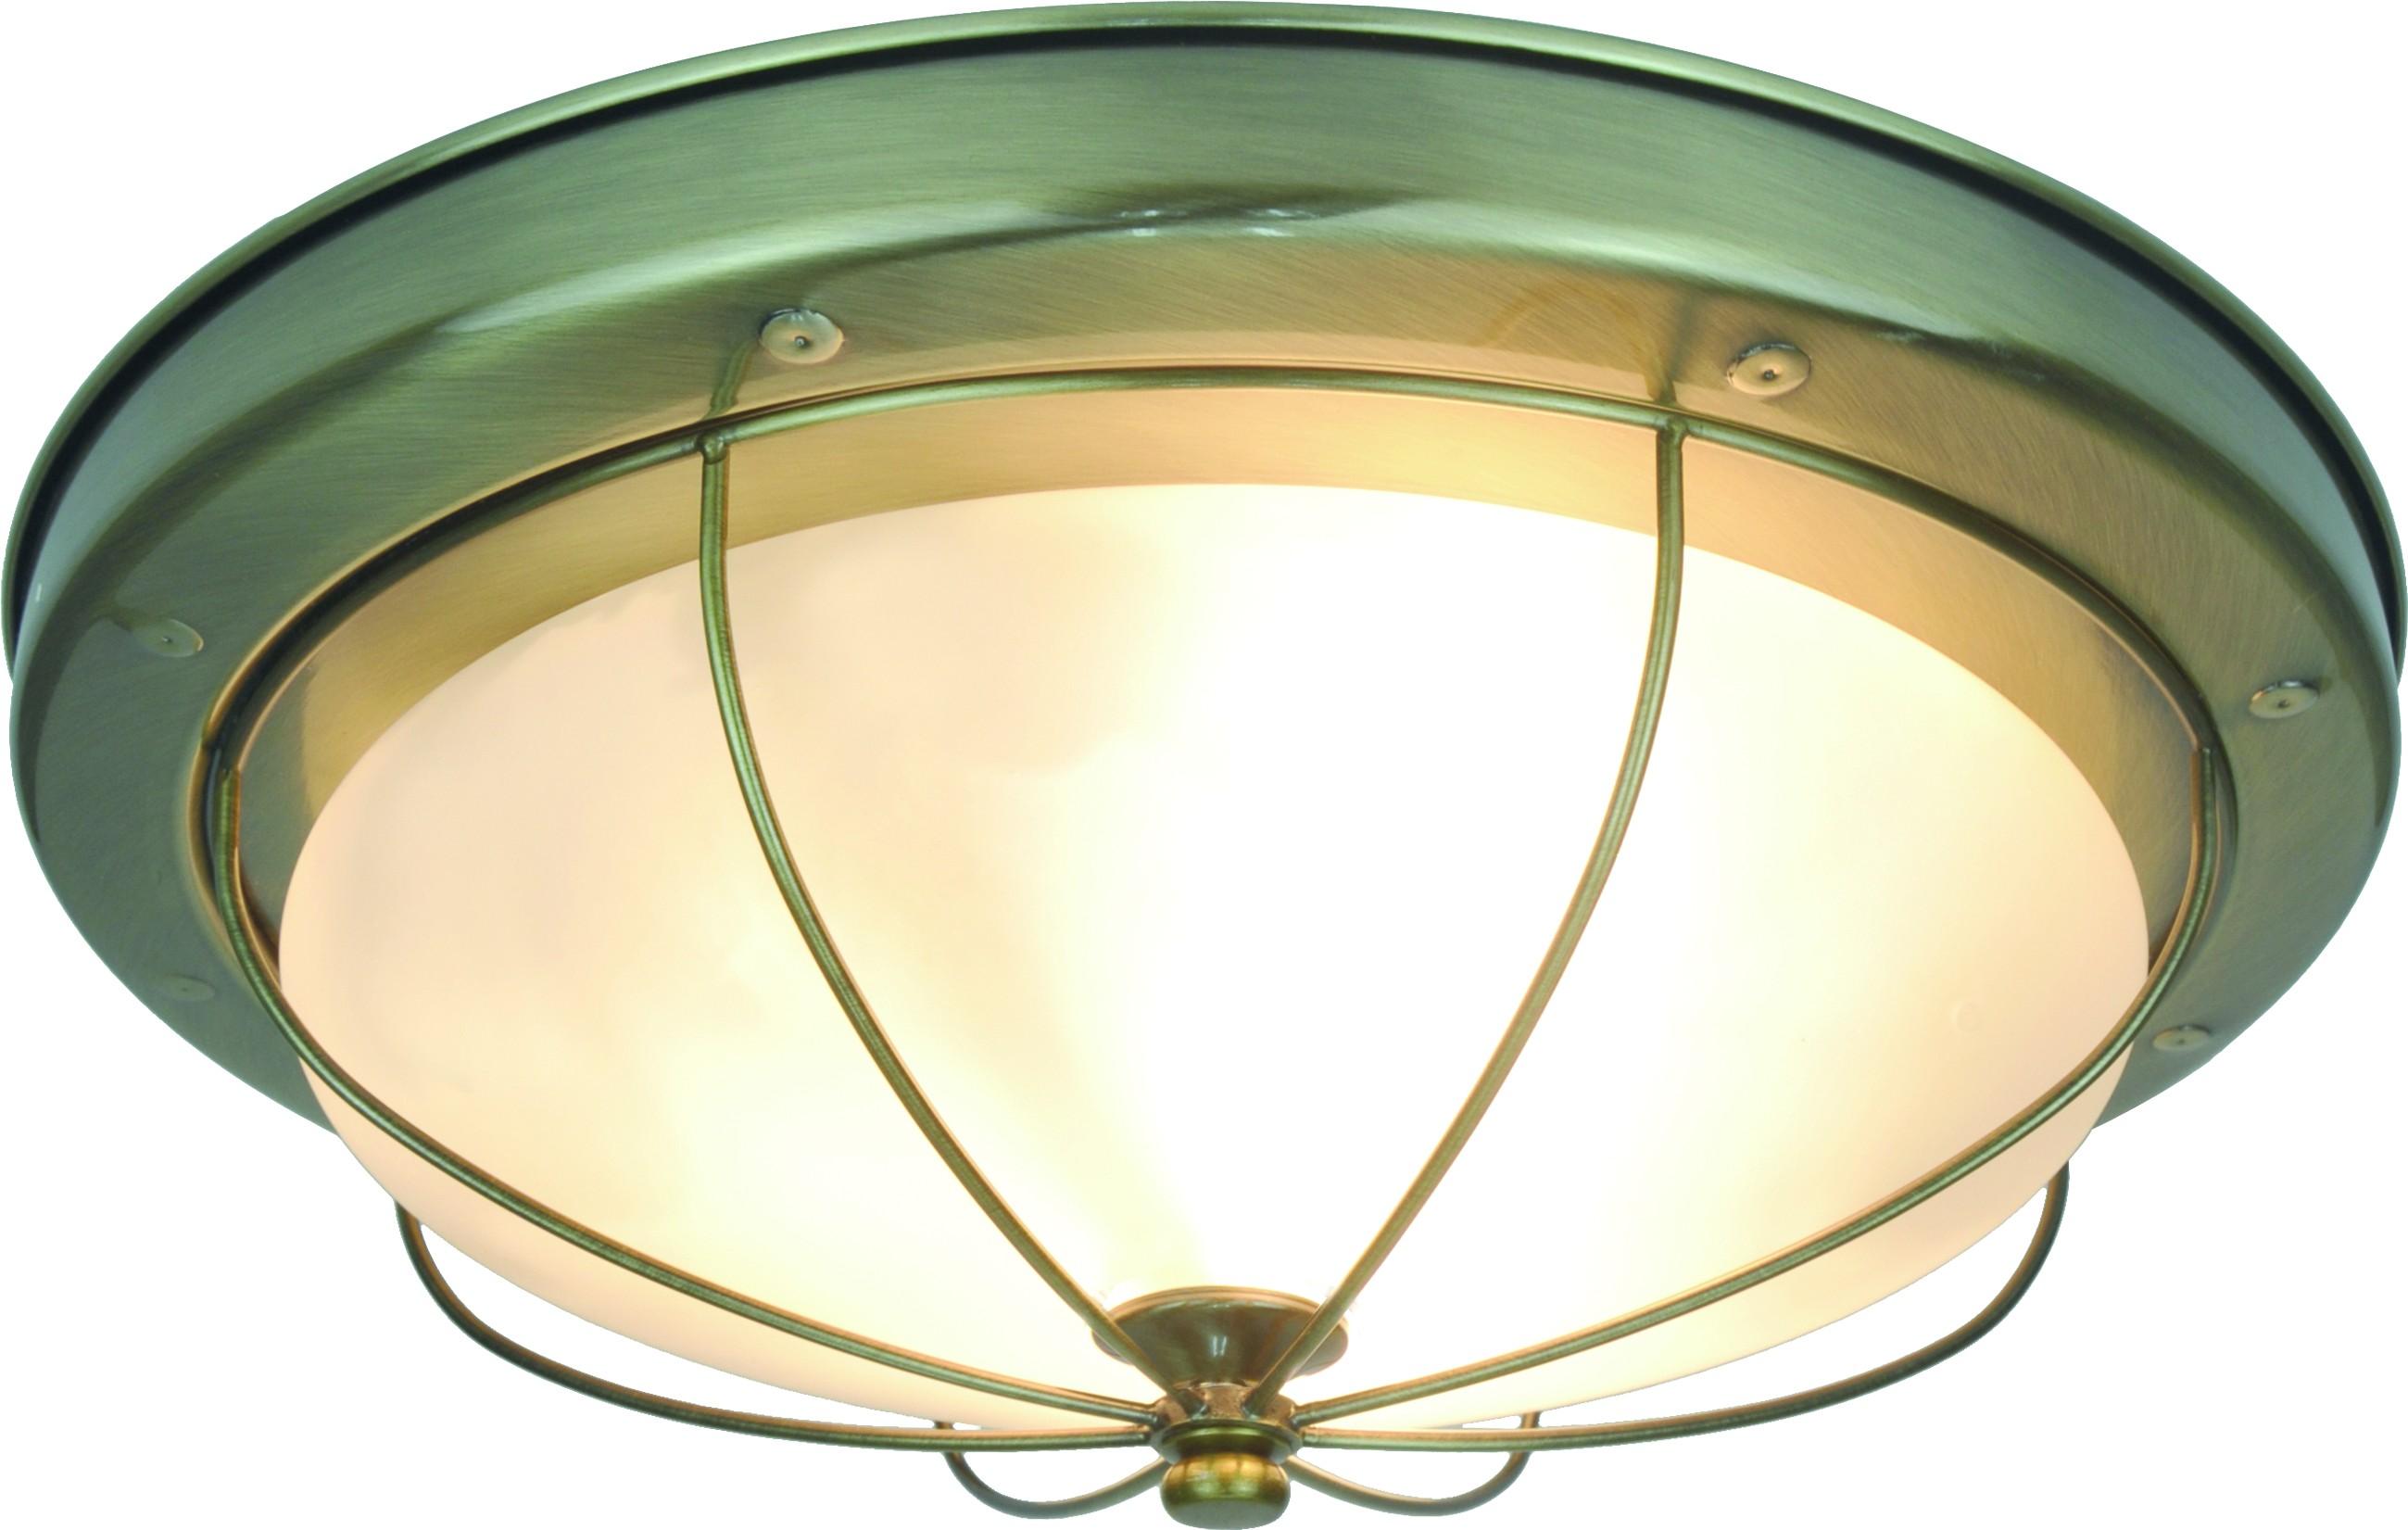 Купить Светильник настенно-потолочный Arte lamp A1308pl-3ab